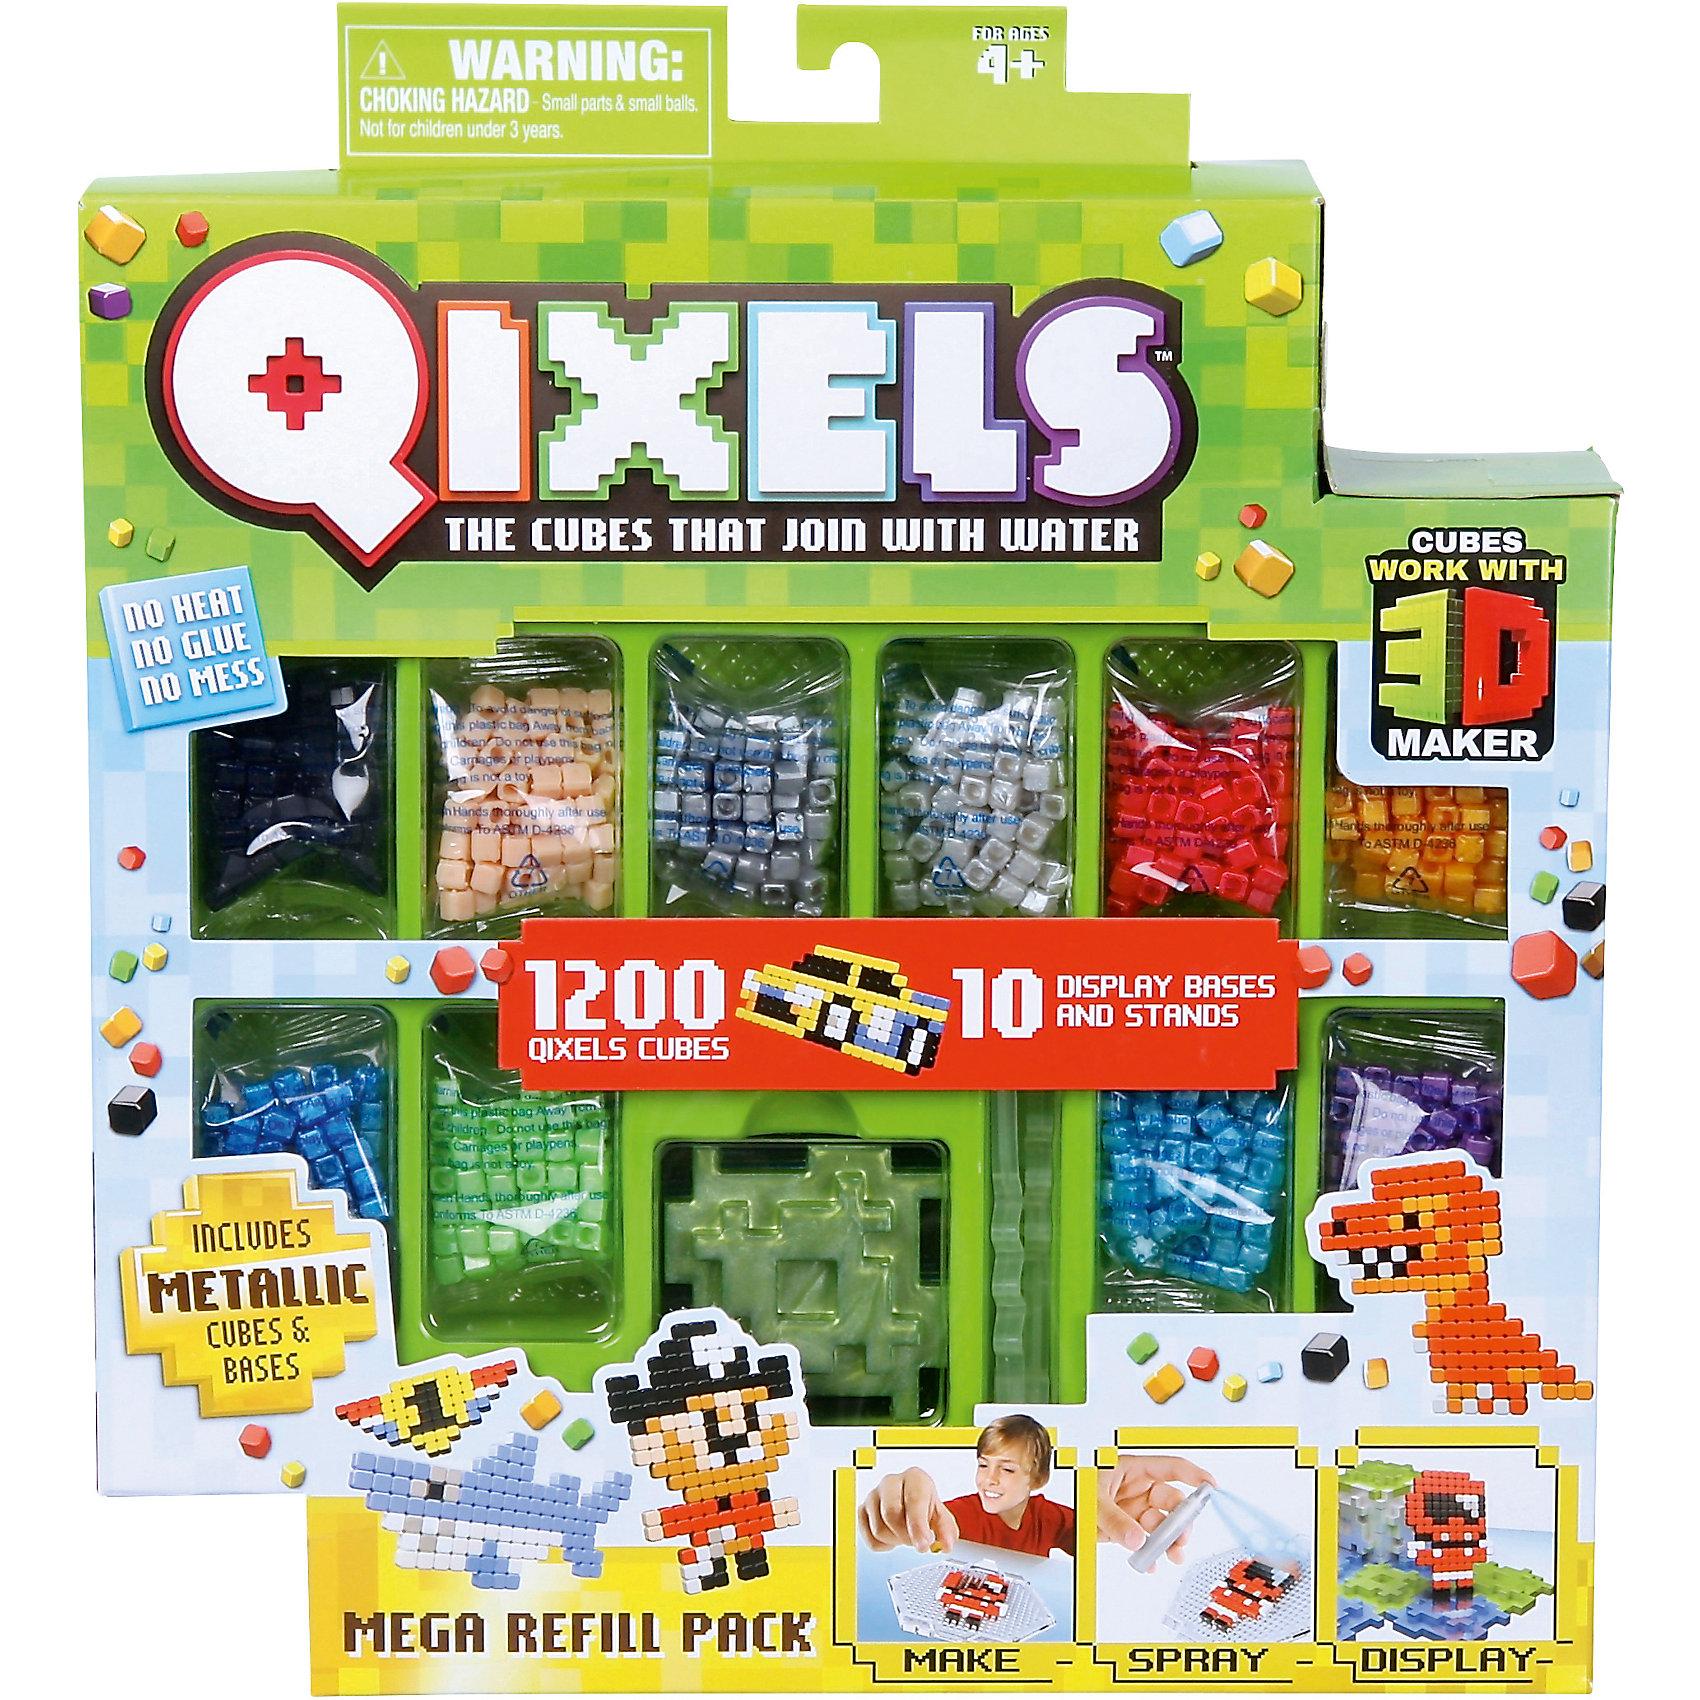 QIXELS  Дополнительный  набор кубиков QixelsНаборы 3D ручек<br>Еще больше возможностей с дополнительным набором! Состав набора: 1200 кубиков, 10 опор и 10 баз.<br><br>Ширина мм: 55<br>Глубина мм: 290<br>Высота мм: 260<br>Вес г: 493<br>Возраст от месяцев: 60<br>Возраст до месяцев: 1188<br>Пол: Унисекс<br>Возраст: Детский<br>SKU: 6742251